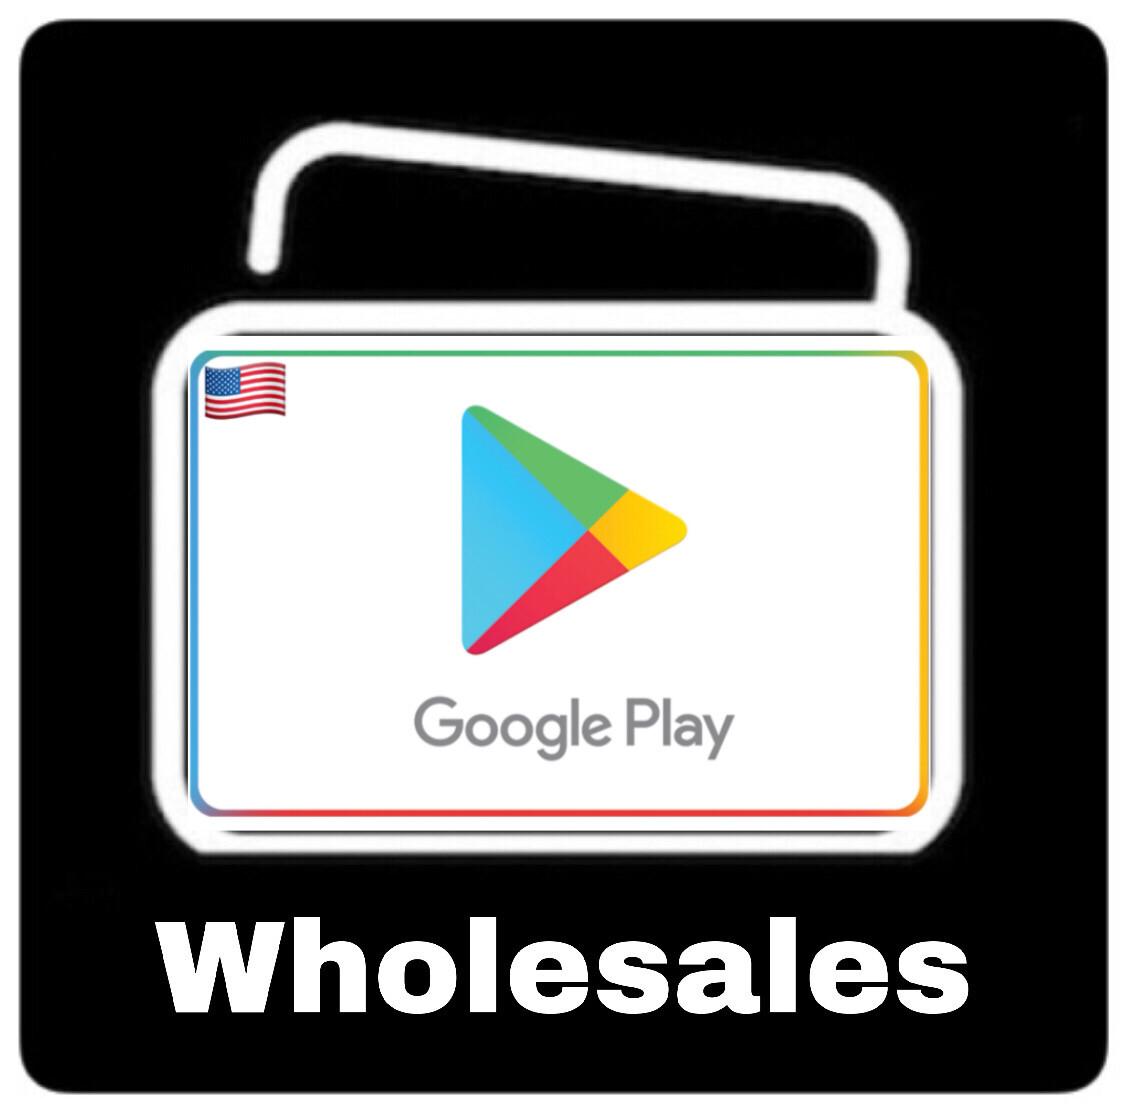 Wholesales Google Play